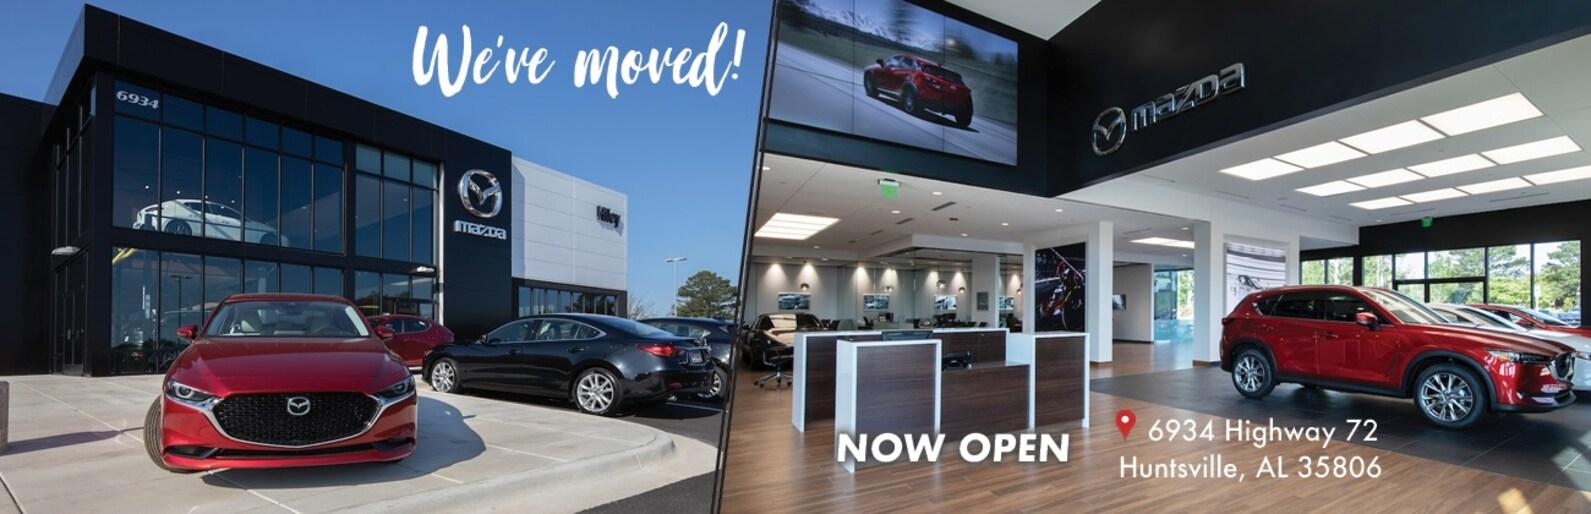 Used Cars Huntsville Al >> Hiley Mazda Of Huntsville New Mazda Used Car Dealer